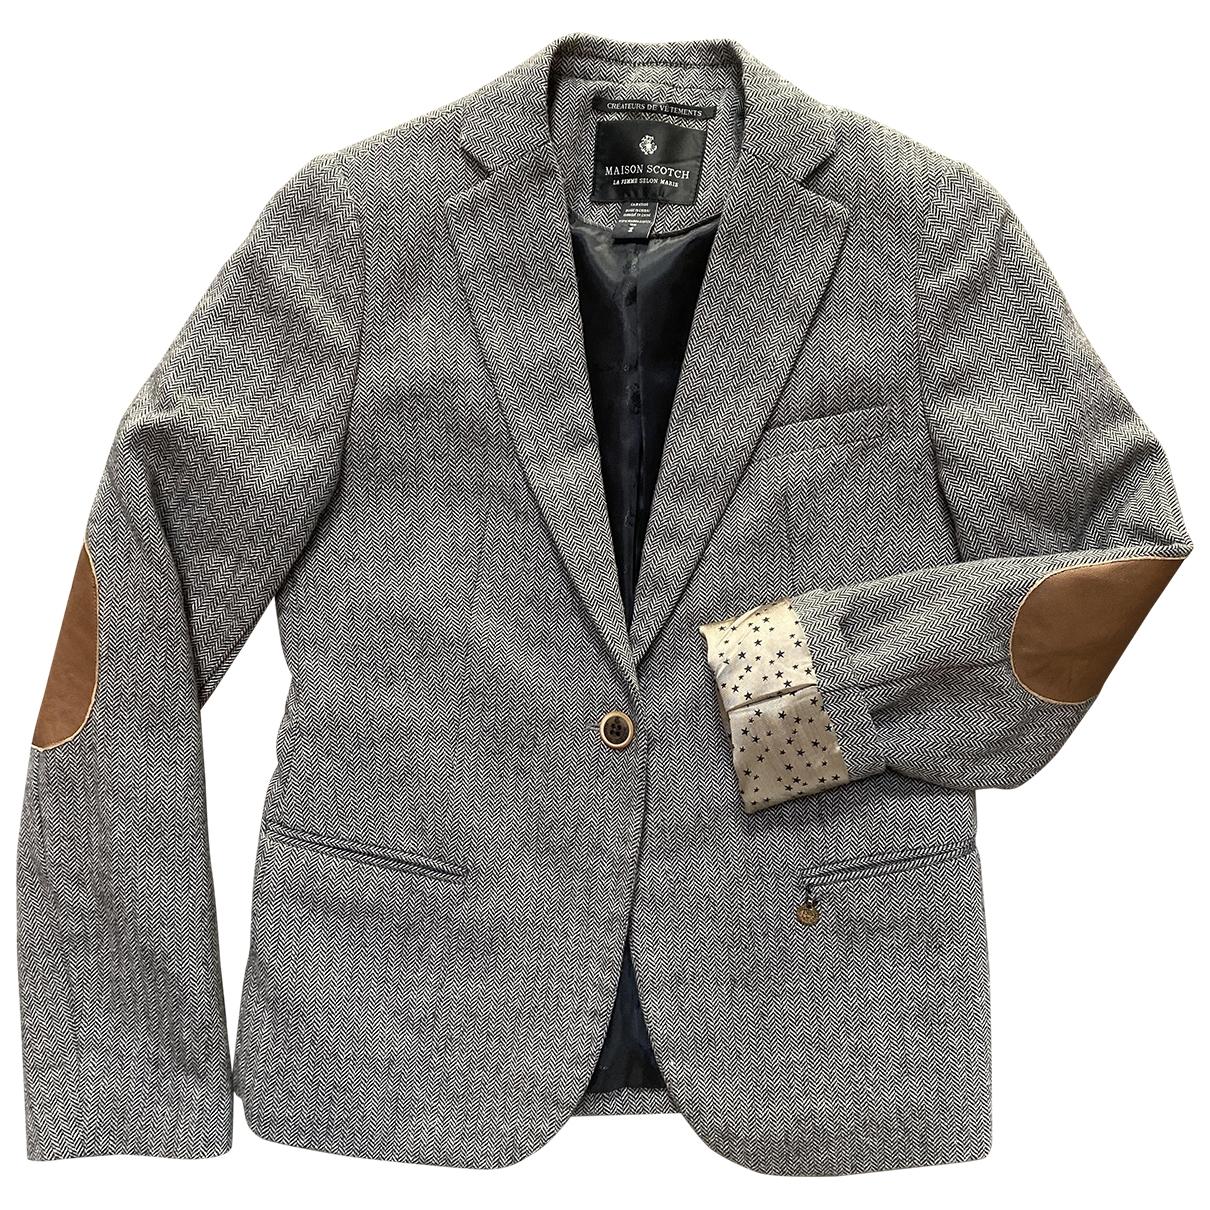 Scotch & Soda \N Jacke in  Grau Wolle